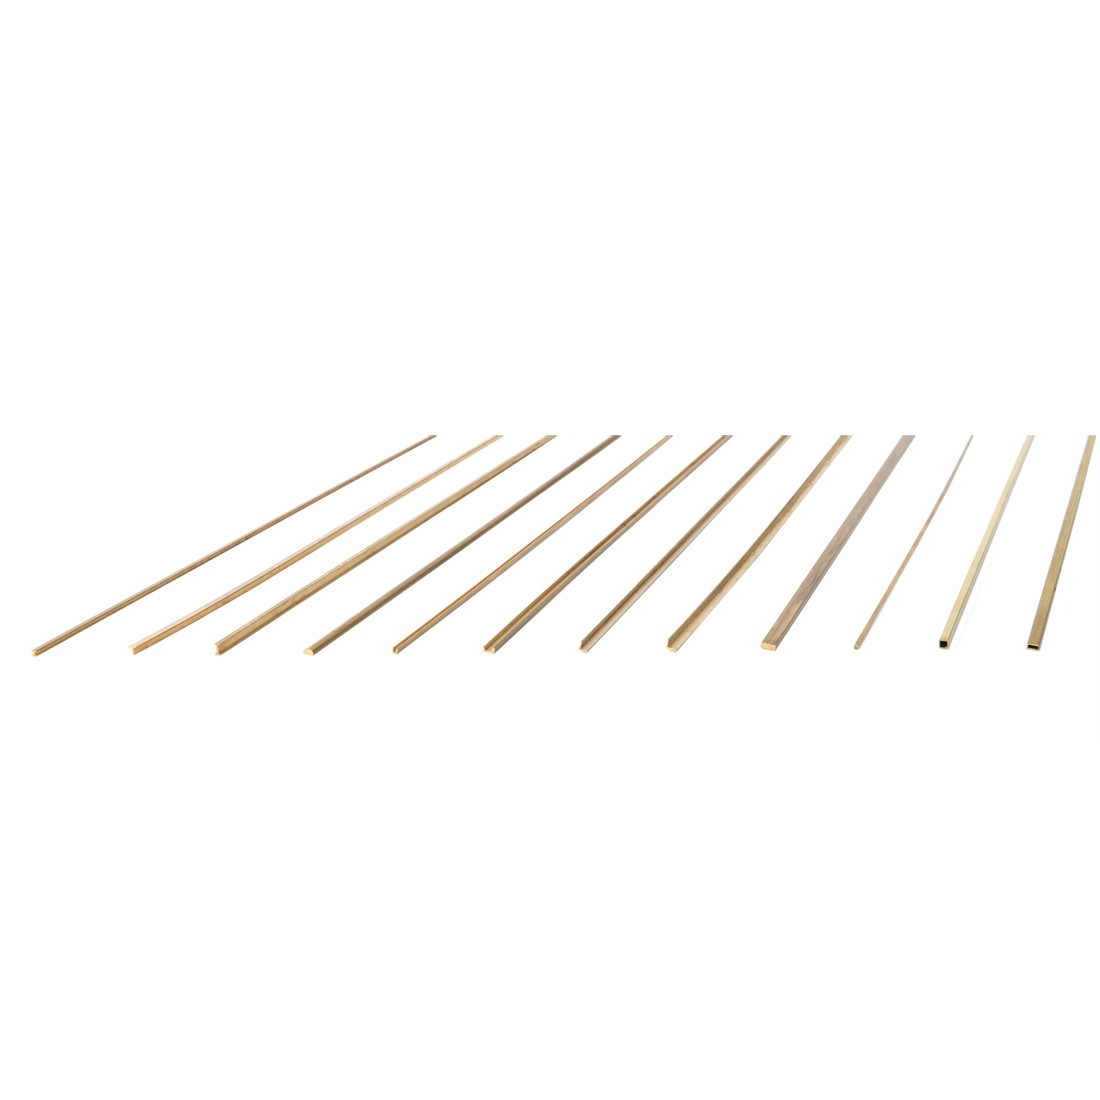 Micro profils laiton 3x5x500